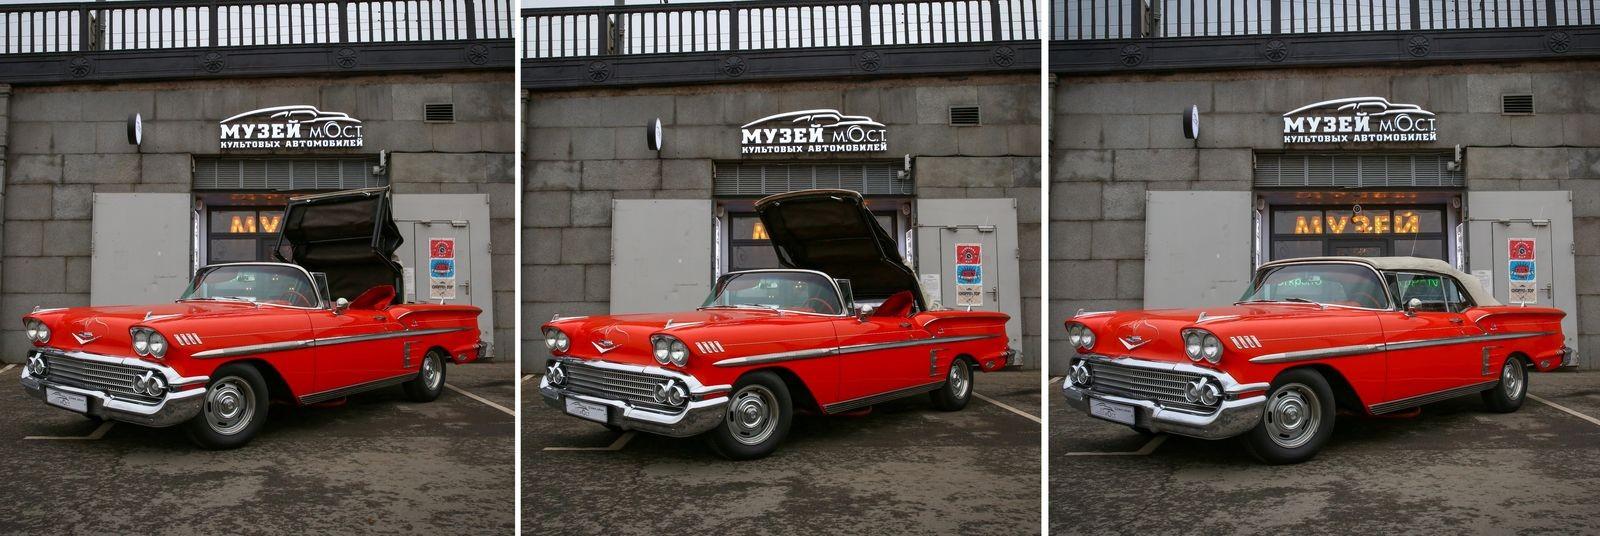 Красные в городе! Тест-драйв Chevrolet Impala 1958